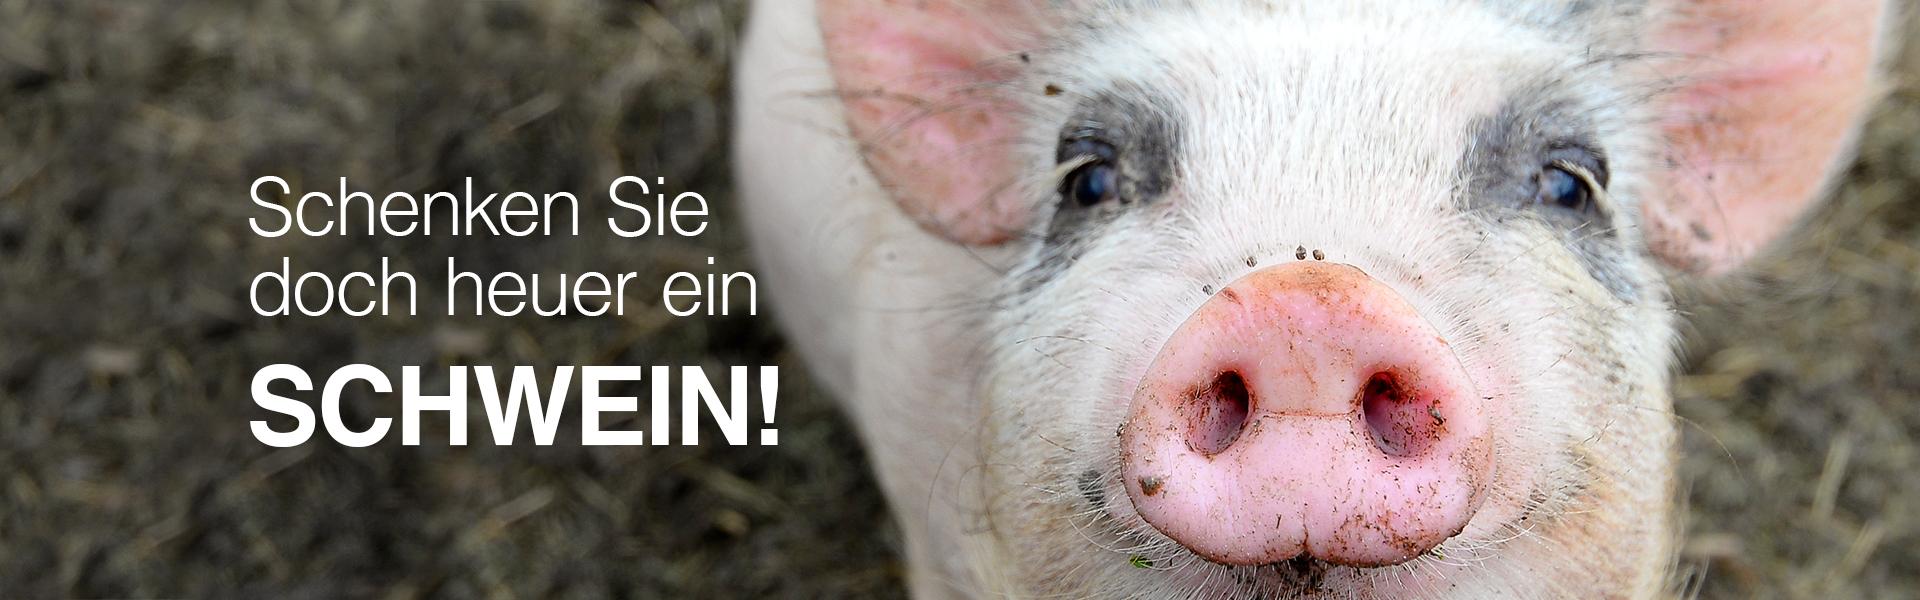 Ein Schwein schenkt Chancen